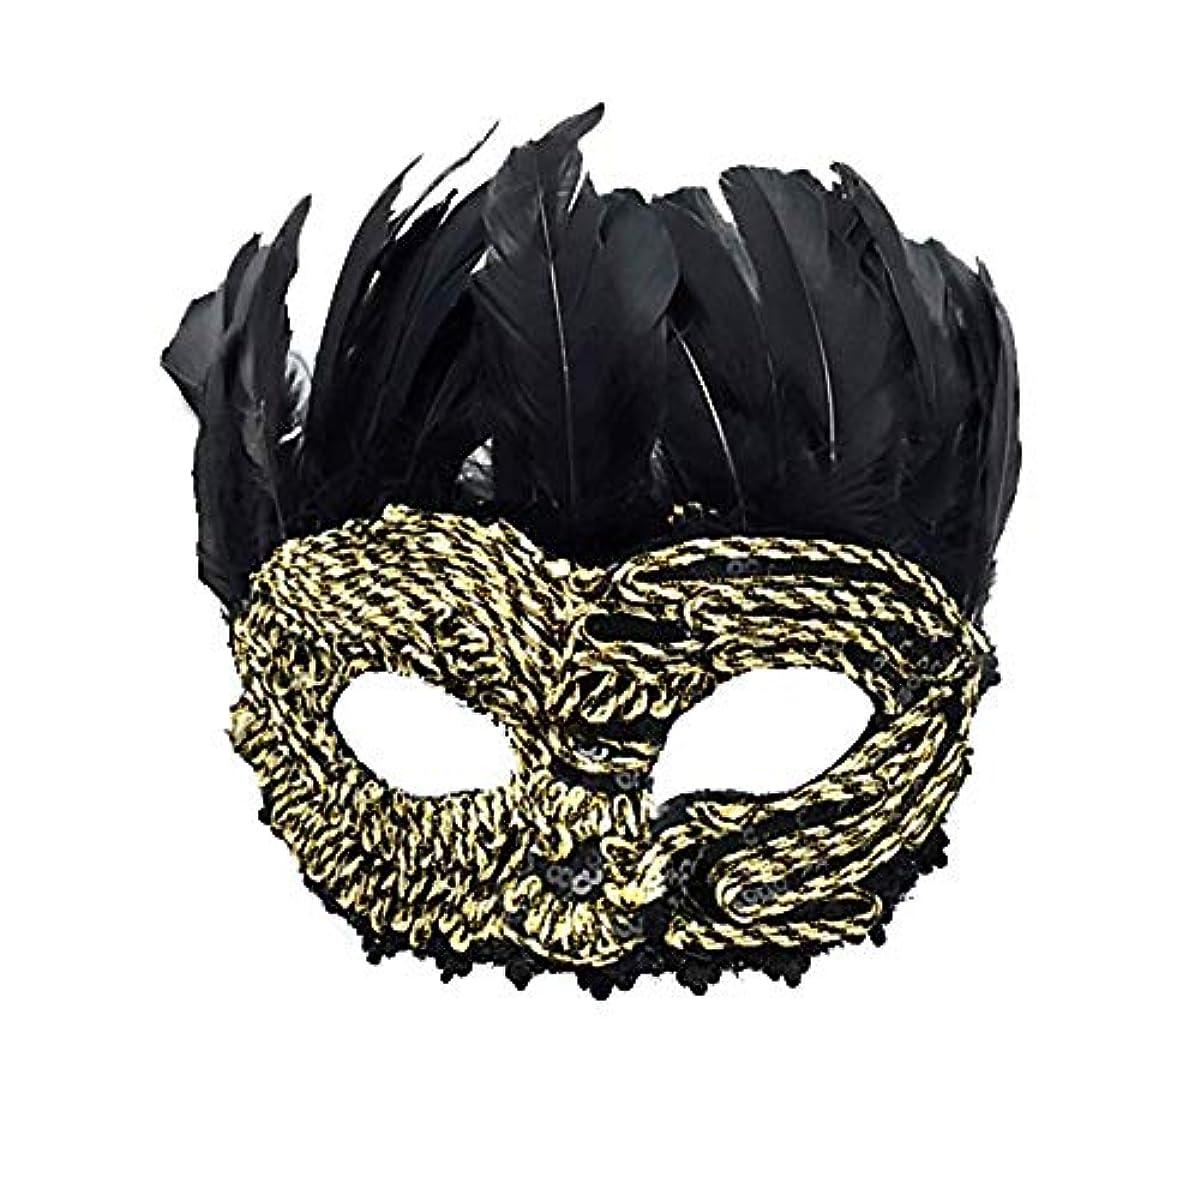 雄弁なグッゲンハイム美術館パイルNanle ハロウィーンクリスマスレースフェザースパンコール刺繍マスク仮装マスクレディーメンズミスプリンセス美容祭パーティーデコレーションマスク(カップルモデル) (色 : Style B)